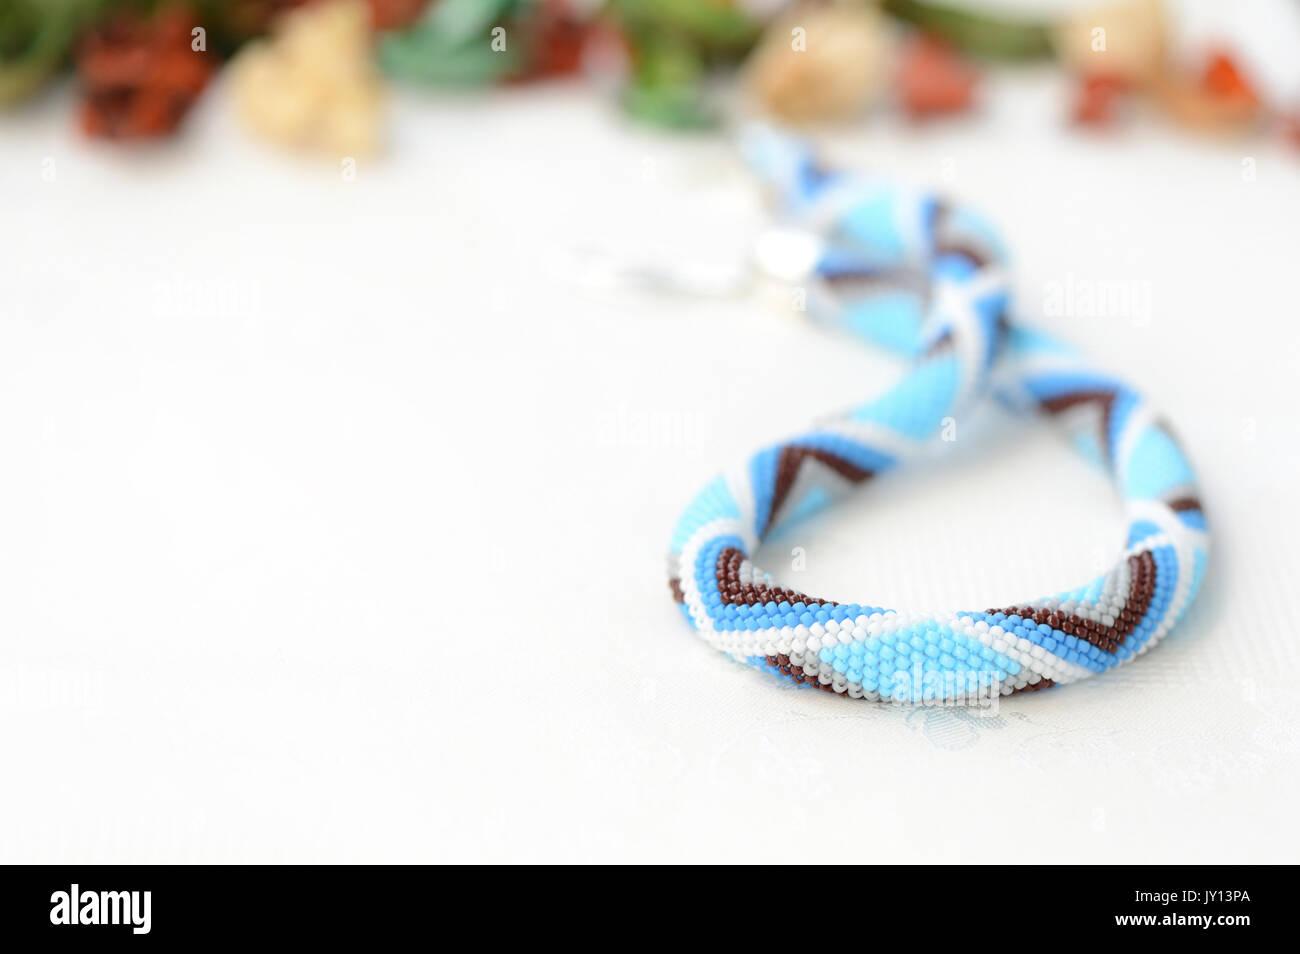 Blaue Perlen Häkeln Halskette Mit Geometrischen Muster Stockfoto